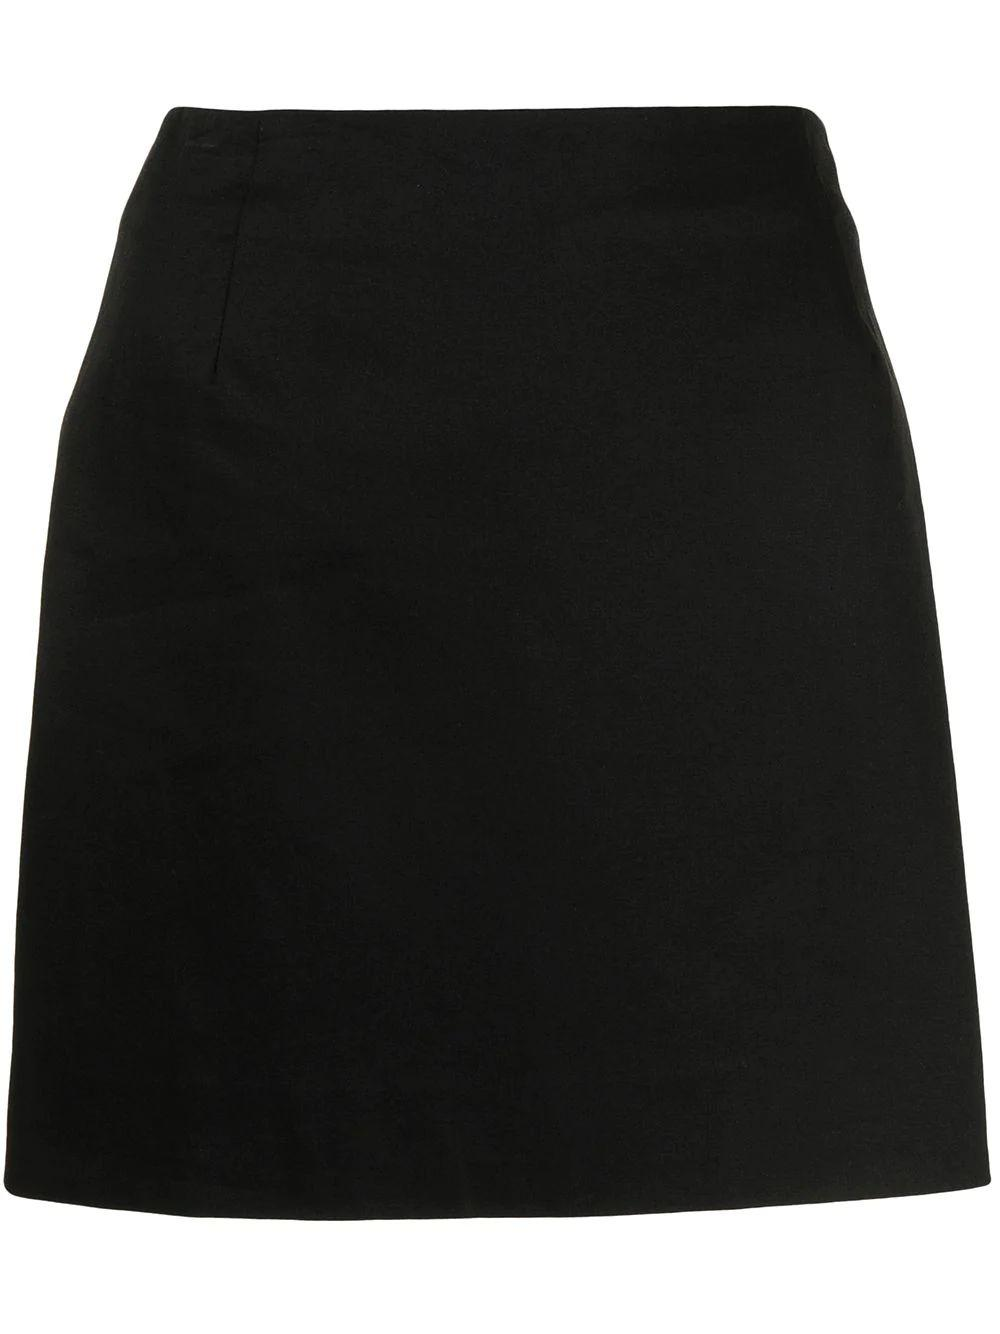 Goia Mini Skirt